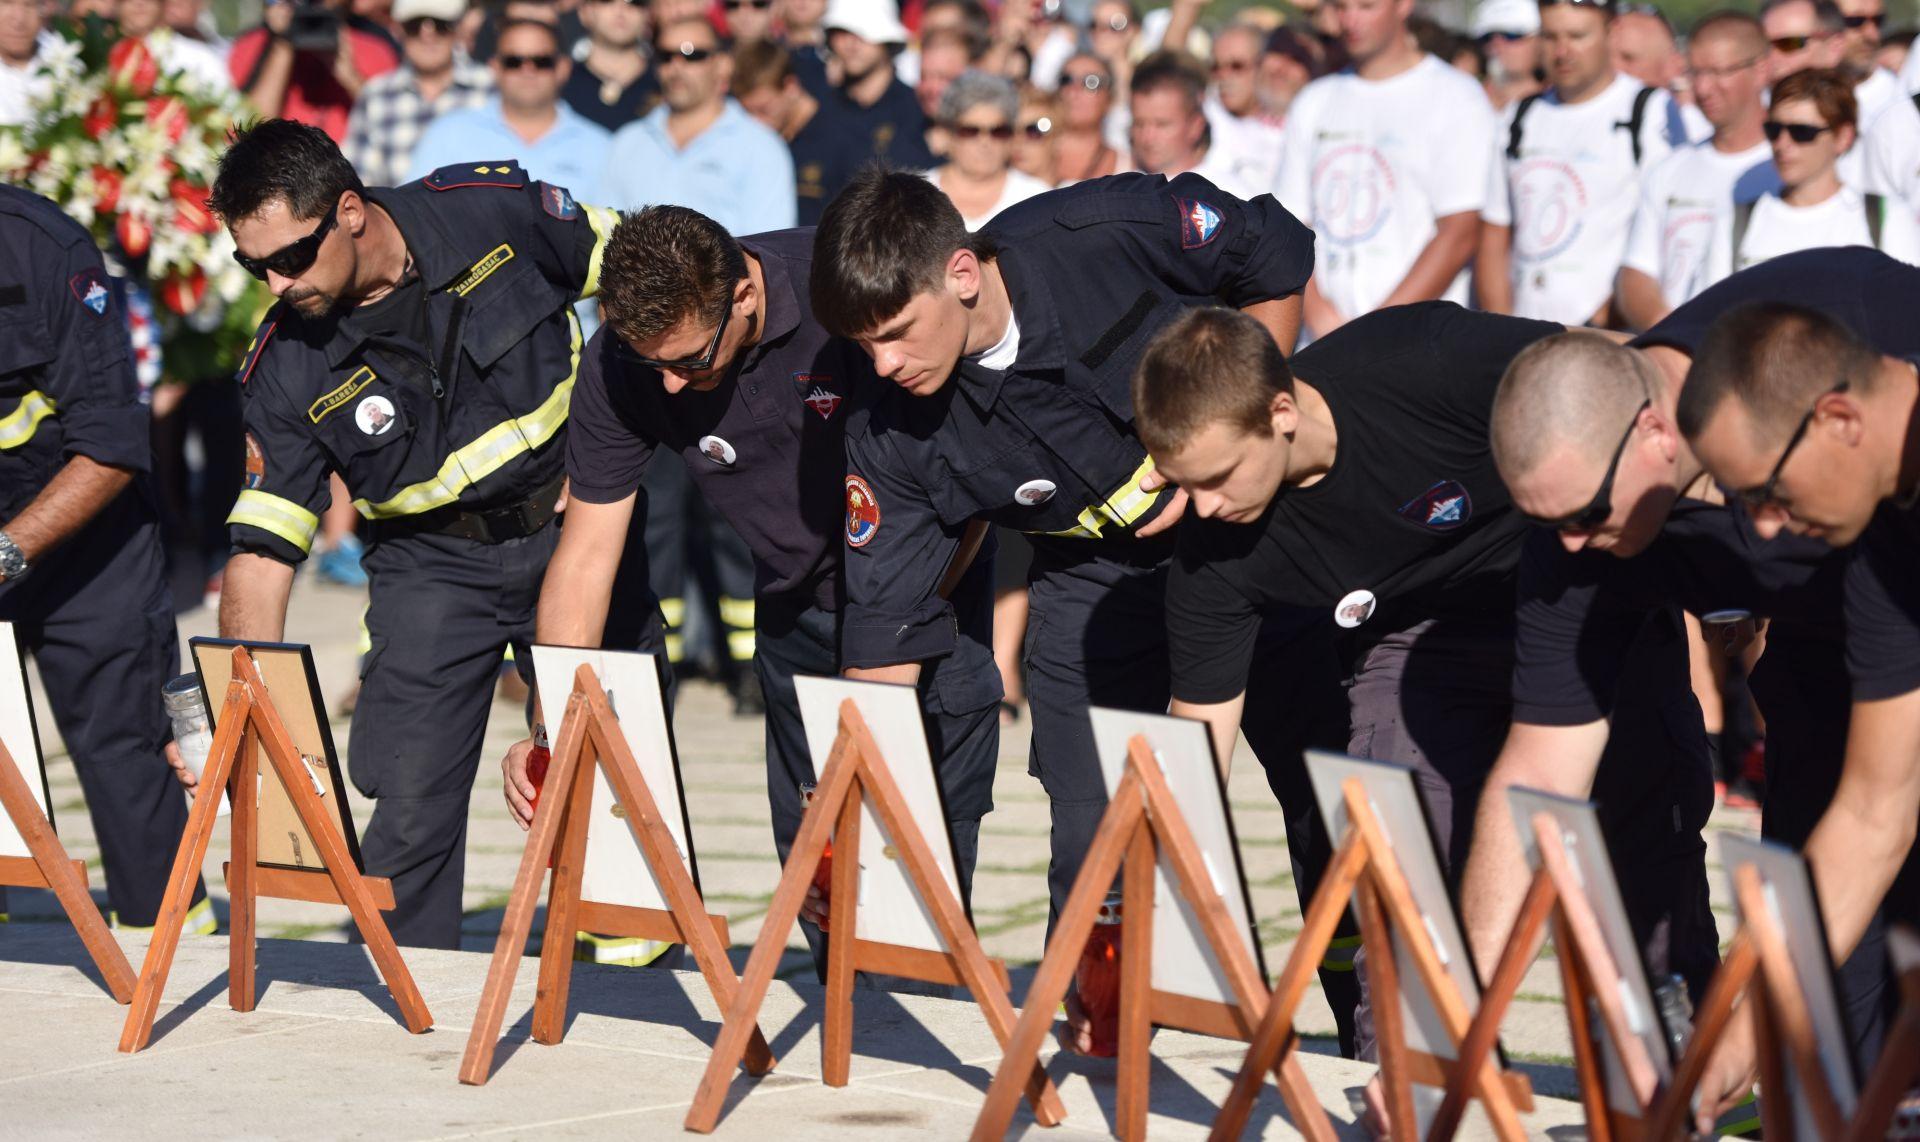 FOTO: Mimohodom vatrogasaca započelo obilježavanje 9.obljetnice Kornatske tragedije